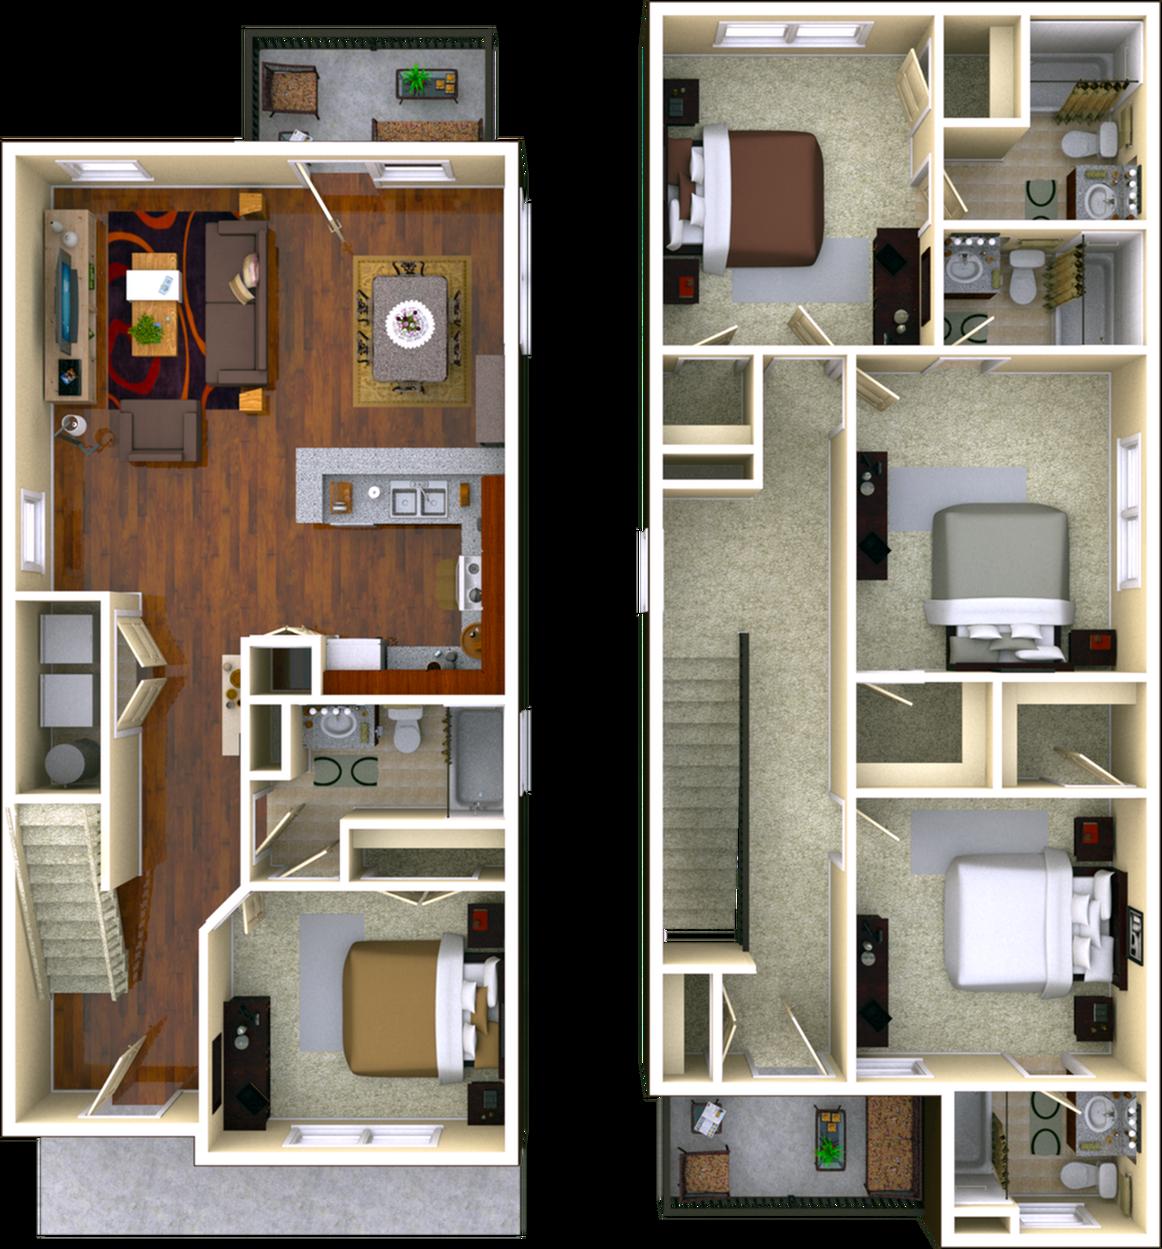 4 Bedroom Floor Plan